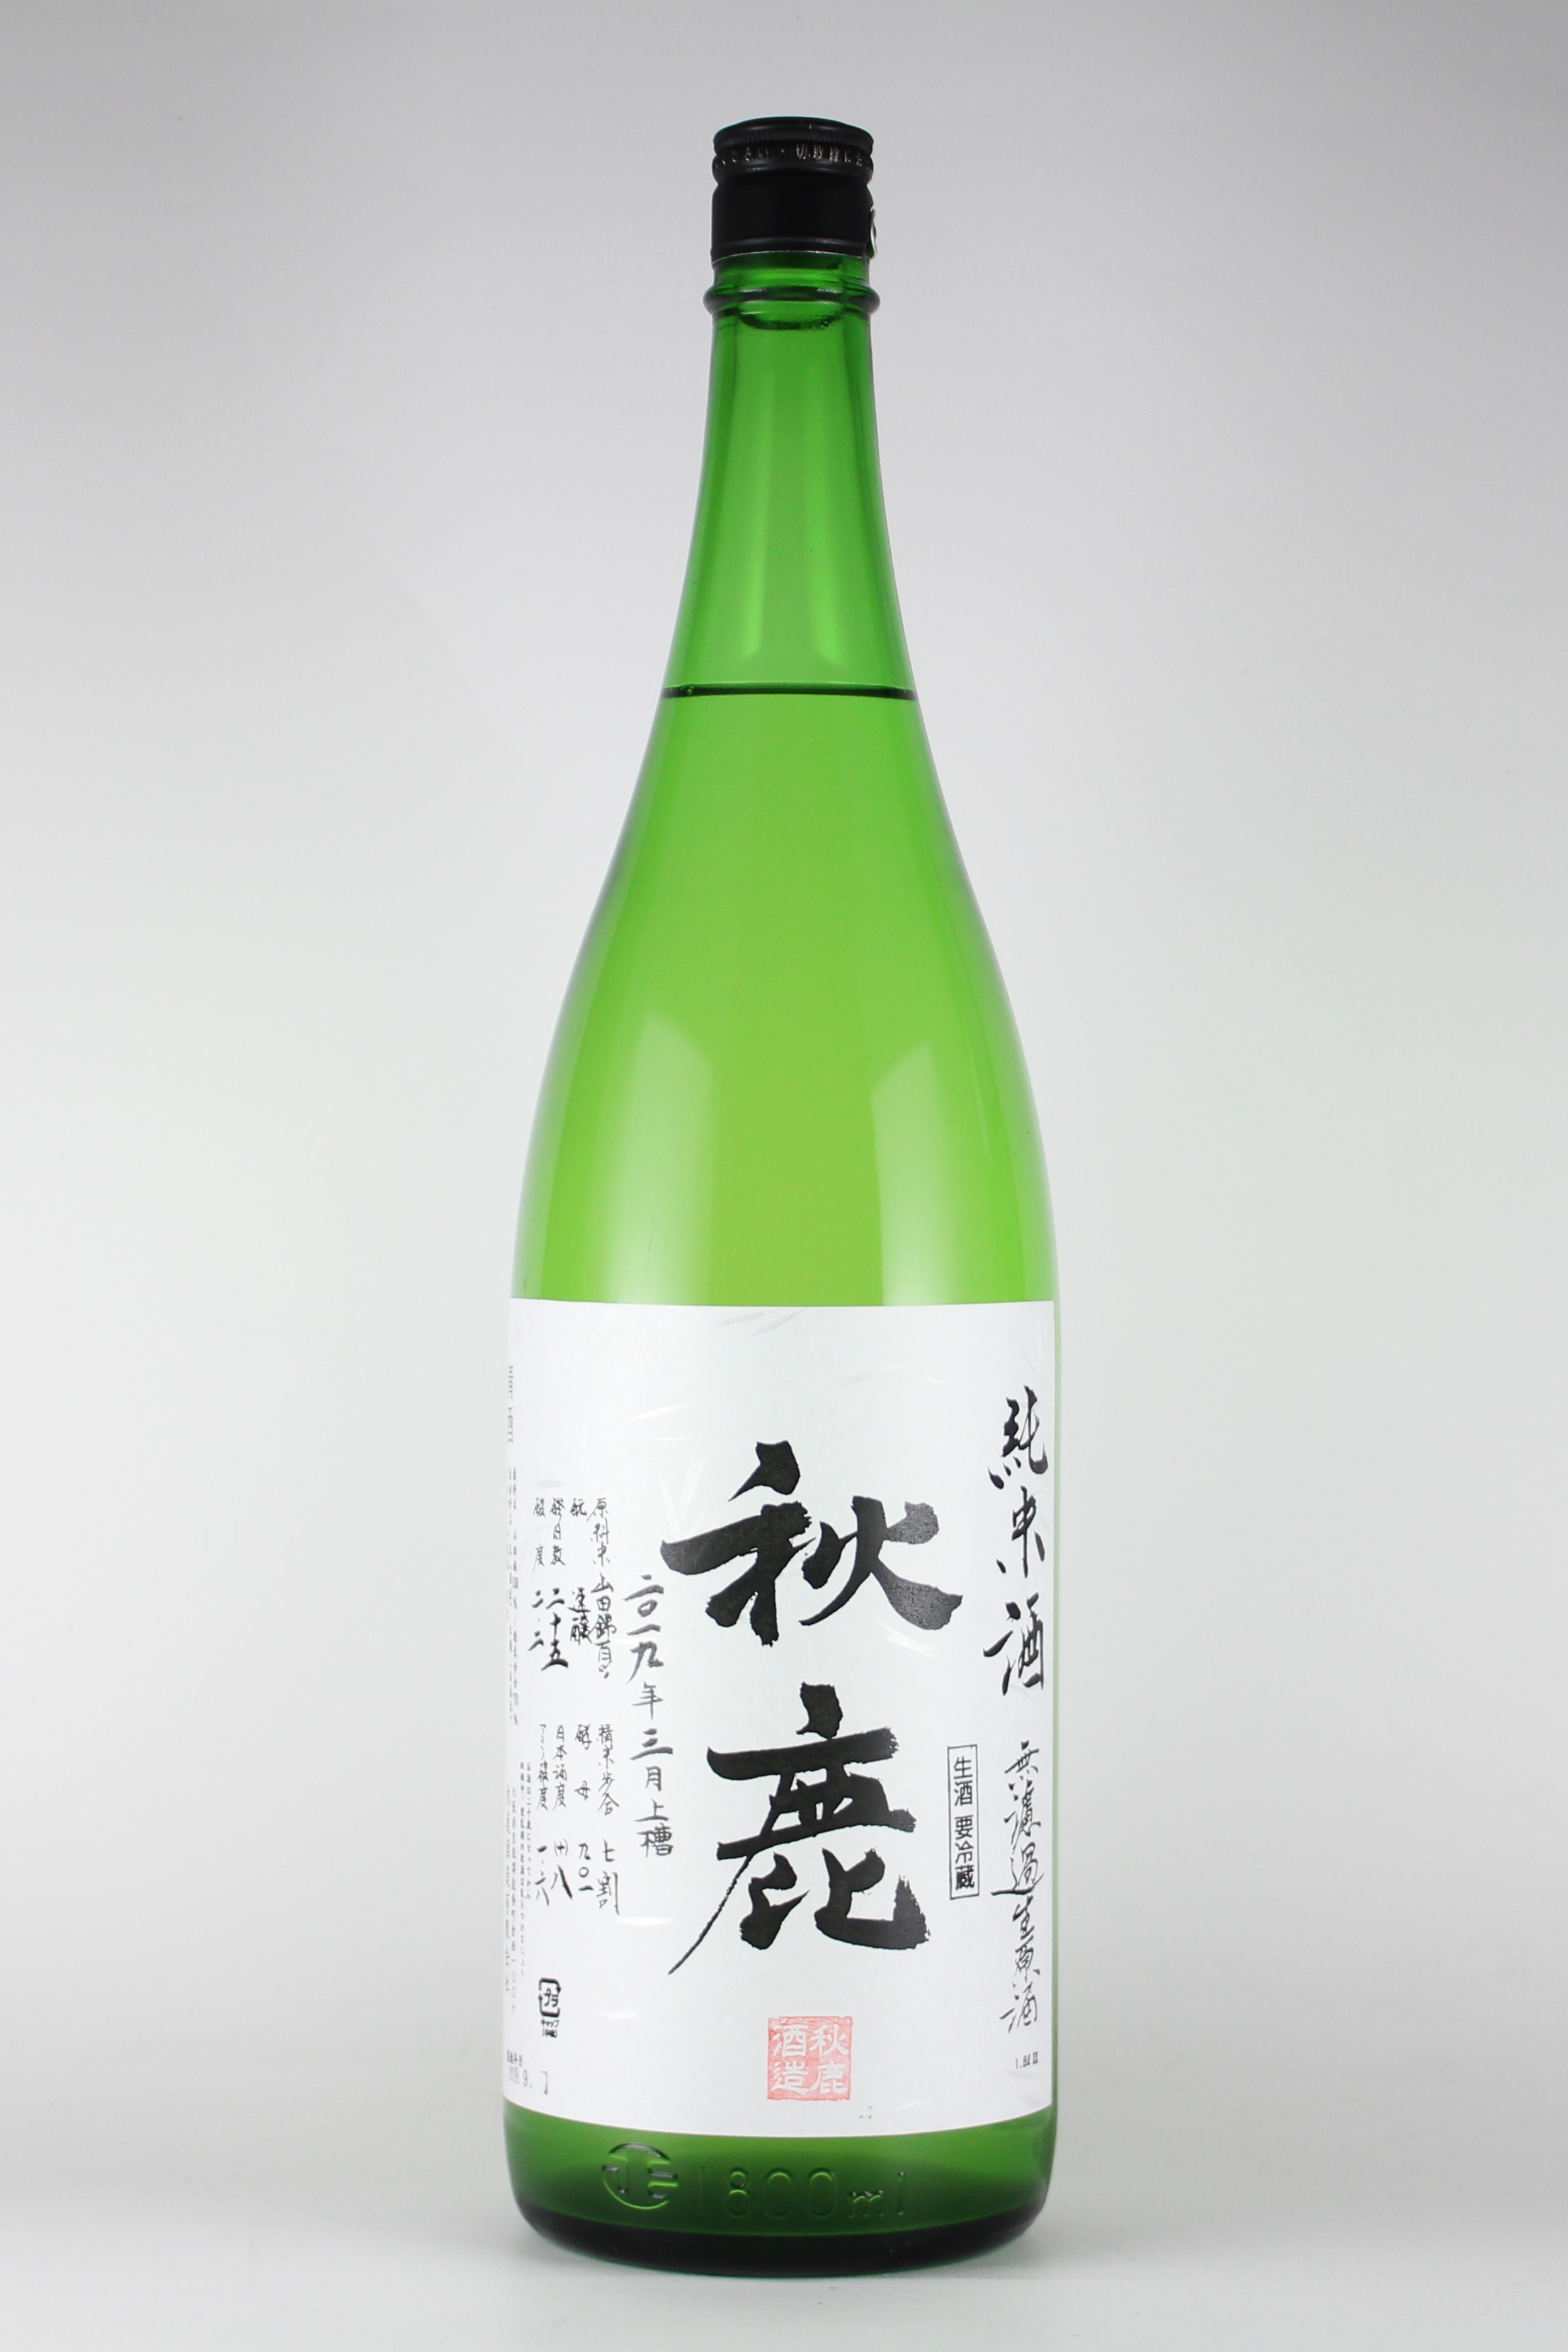 秋鹿 純米無濾過生原酒 山田錦70 1800ml 【大阪/秋鹿酒造】